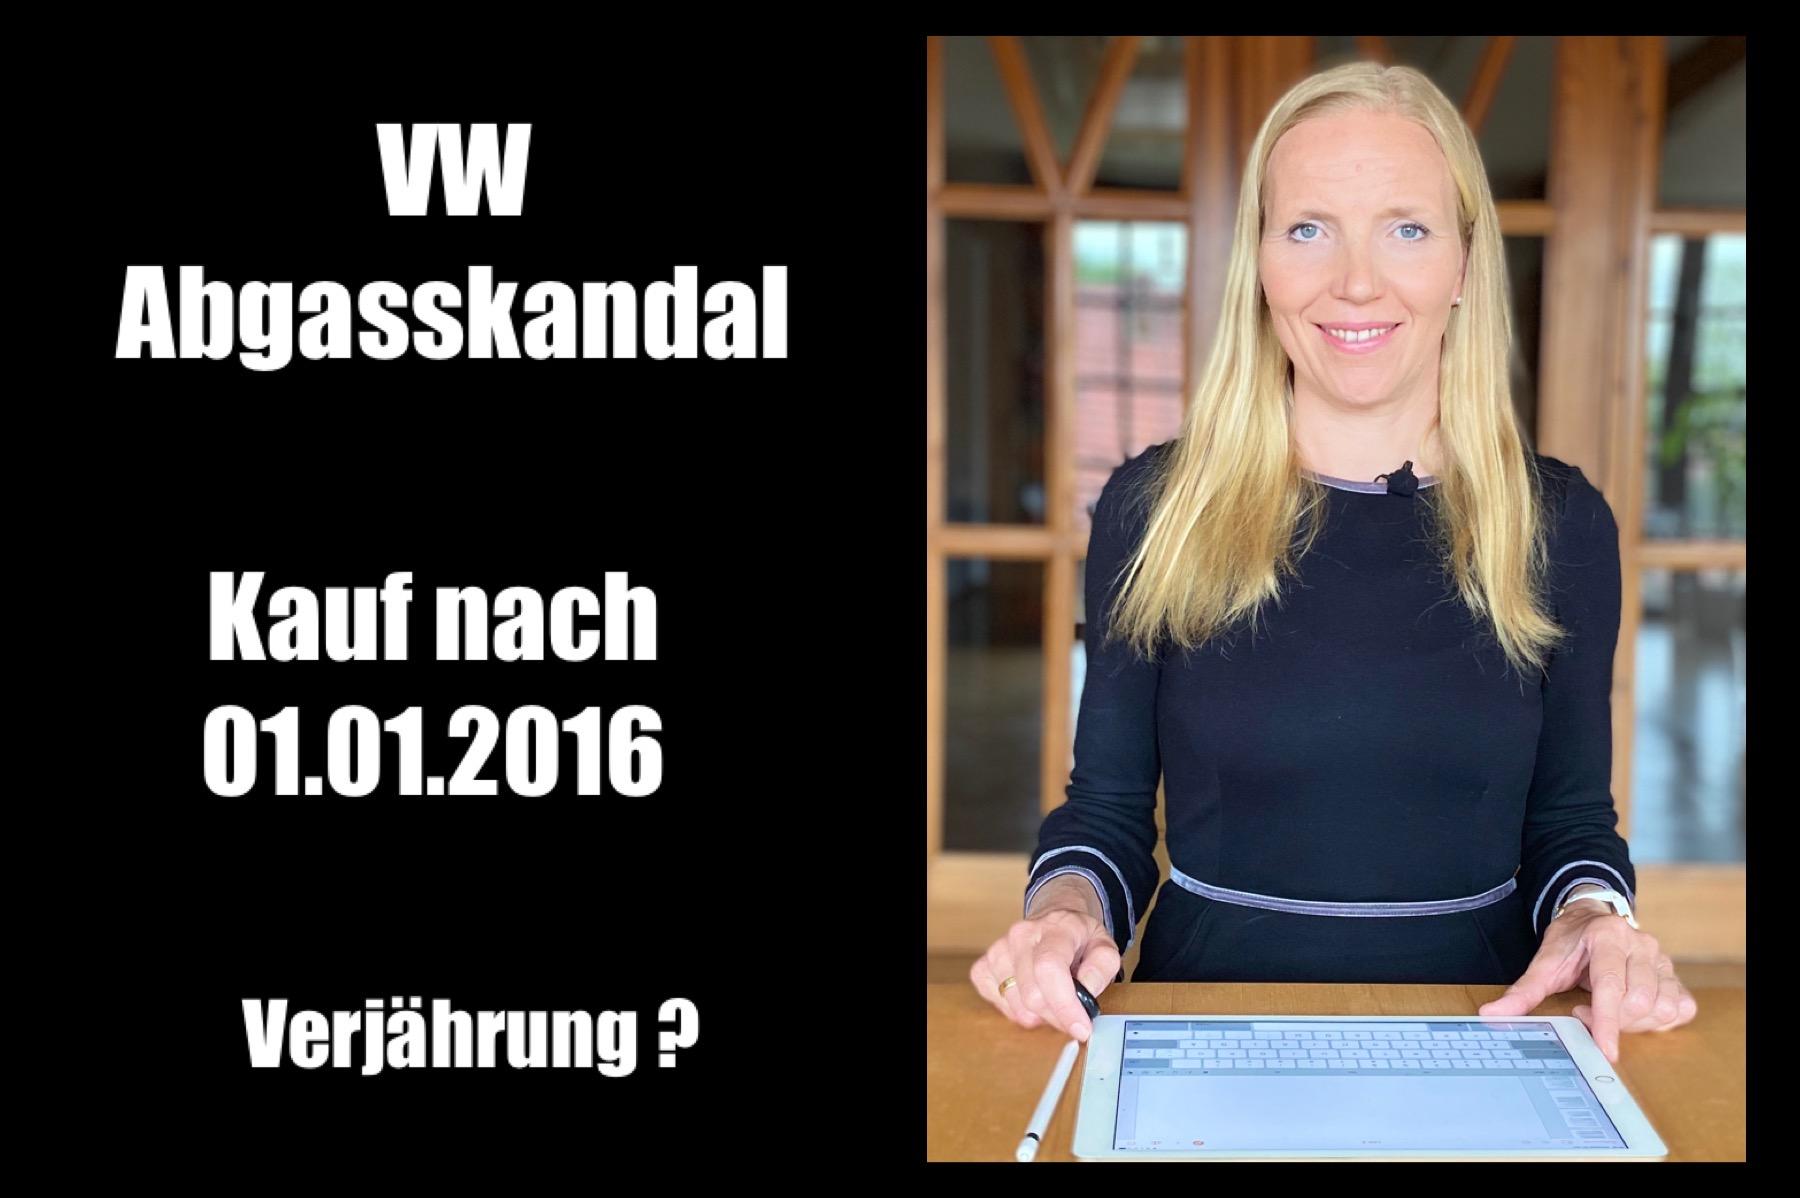 VW-Abgasskandal – positives Urteil für alle, die ihren Pkw ab 01.01.2016 gekauft haben